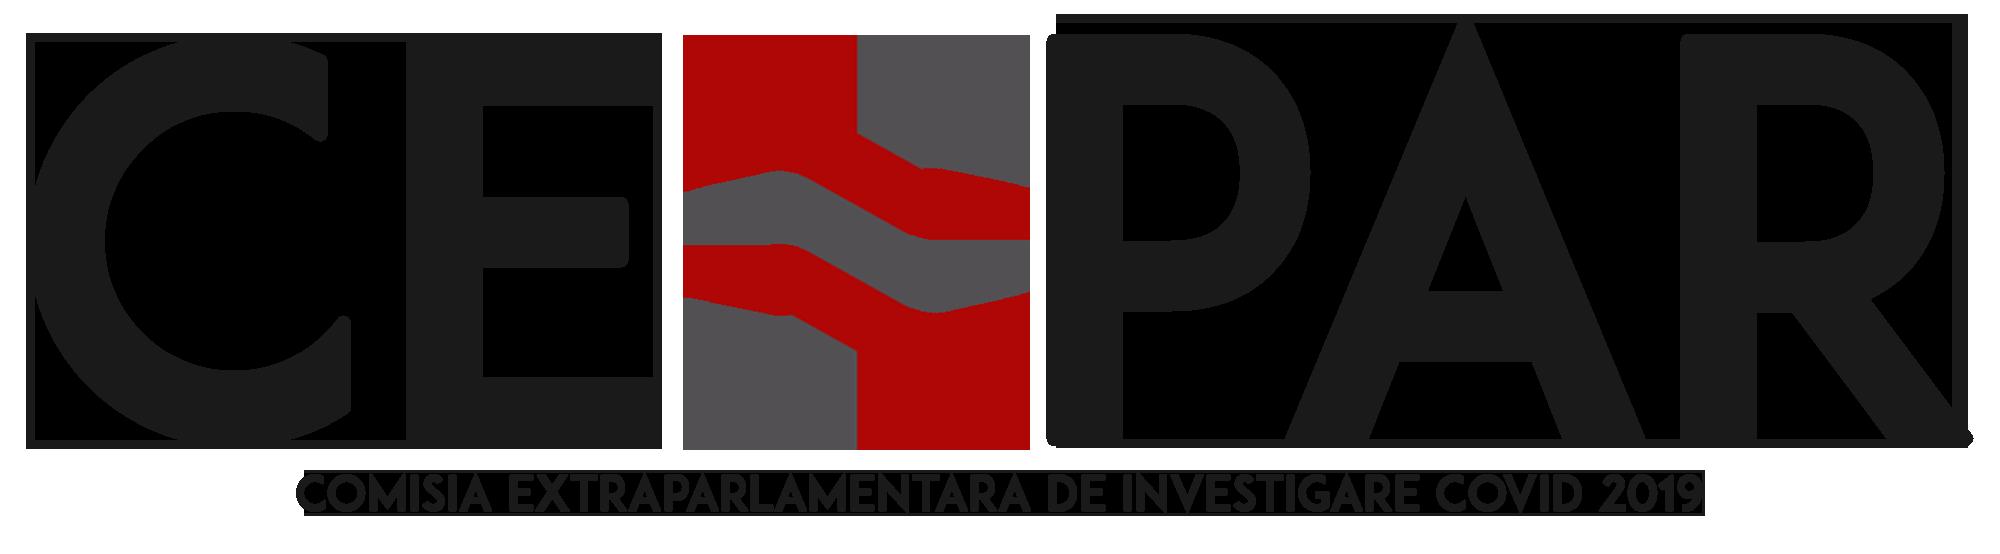 COMISIA EXTRAPARLAMENTARA DE INVESTIGARE COVID 19